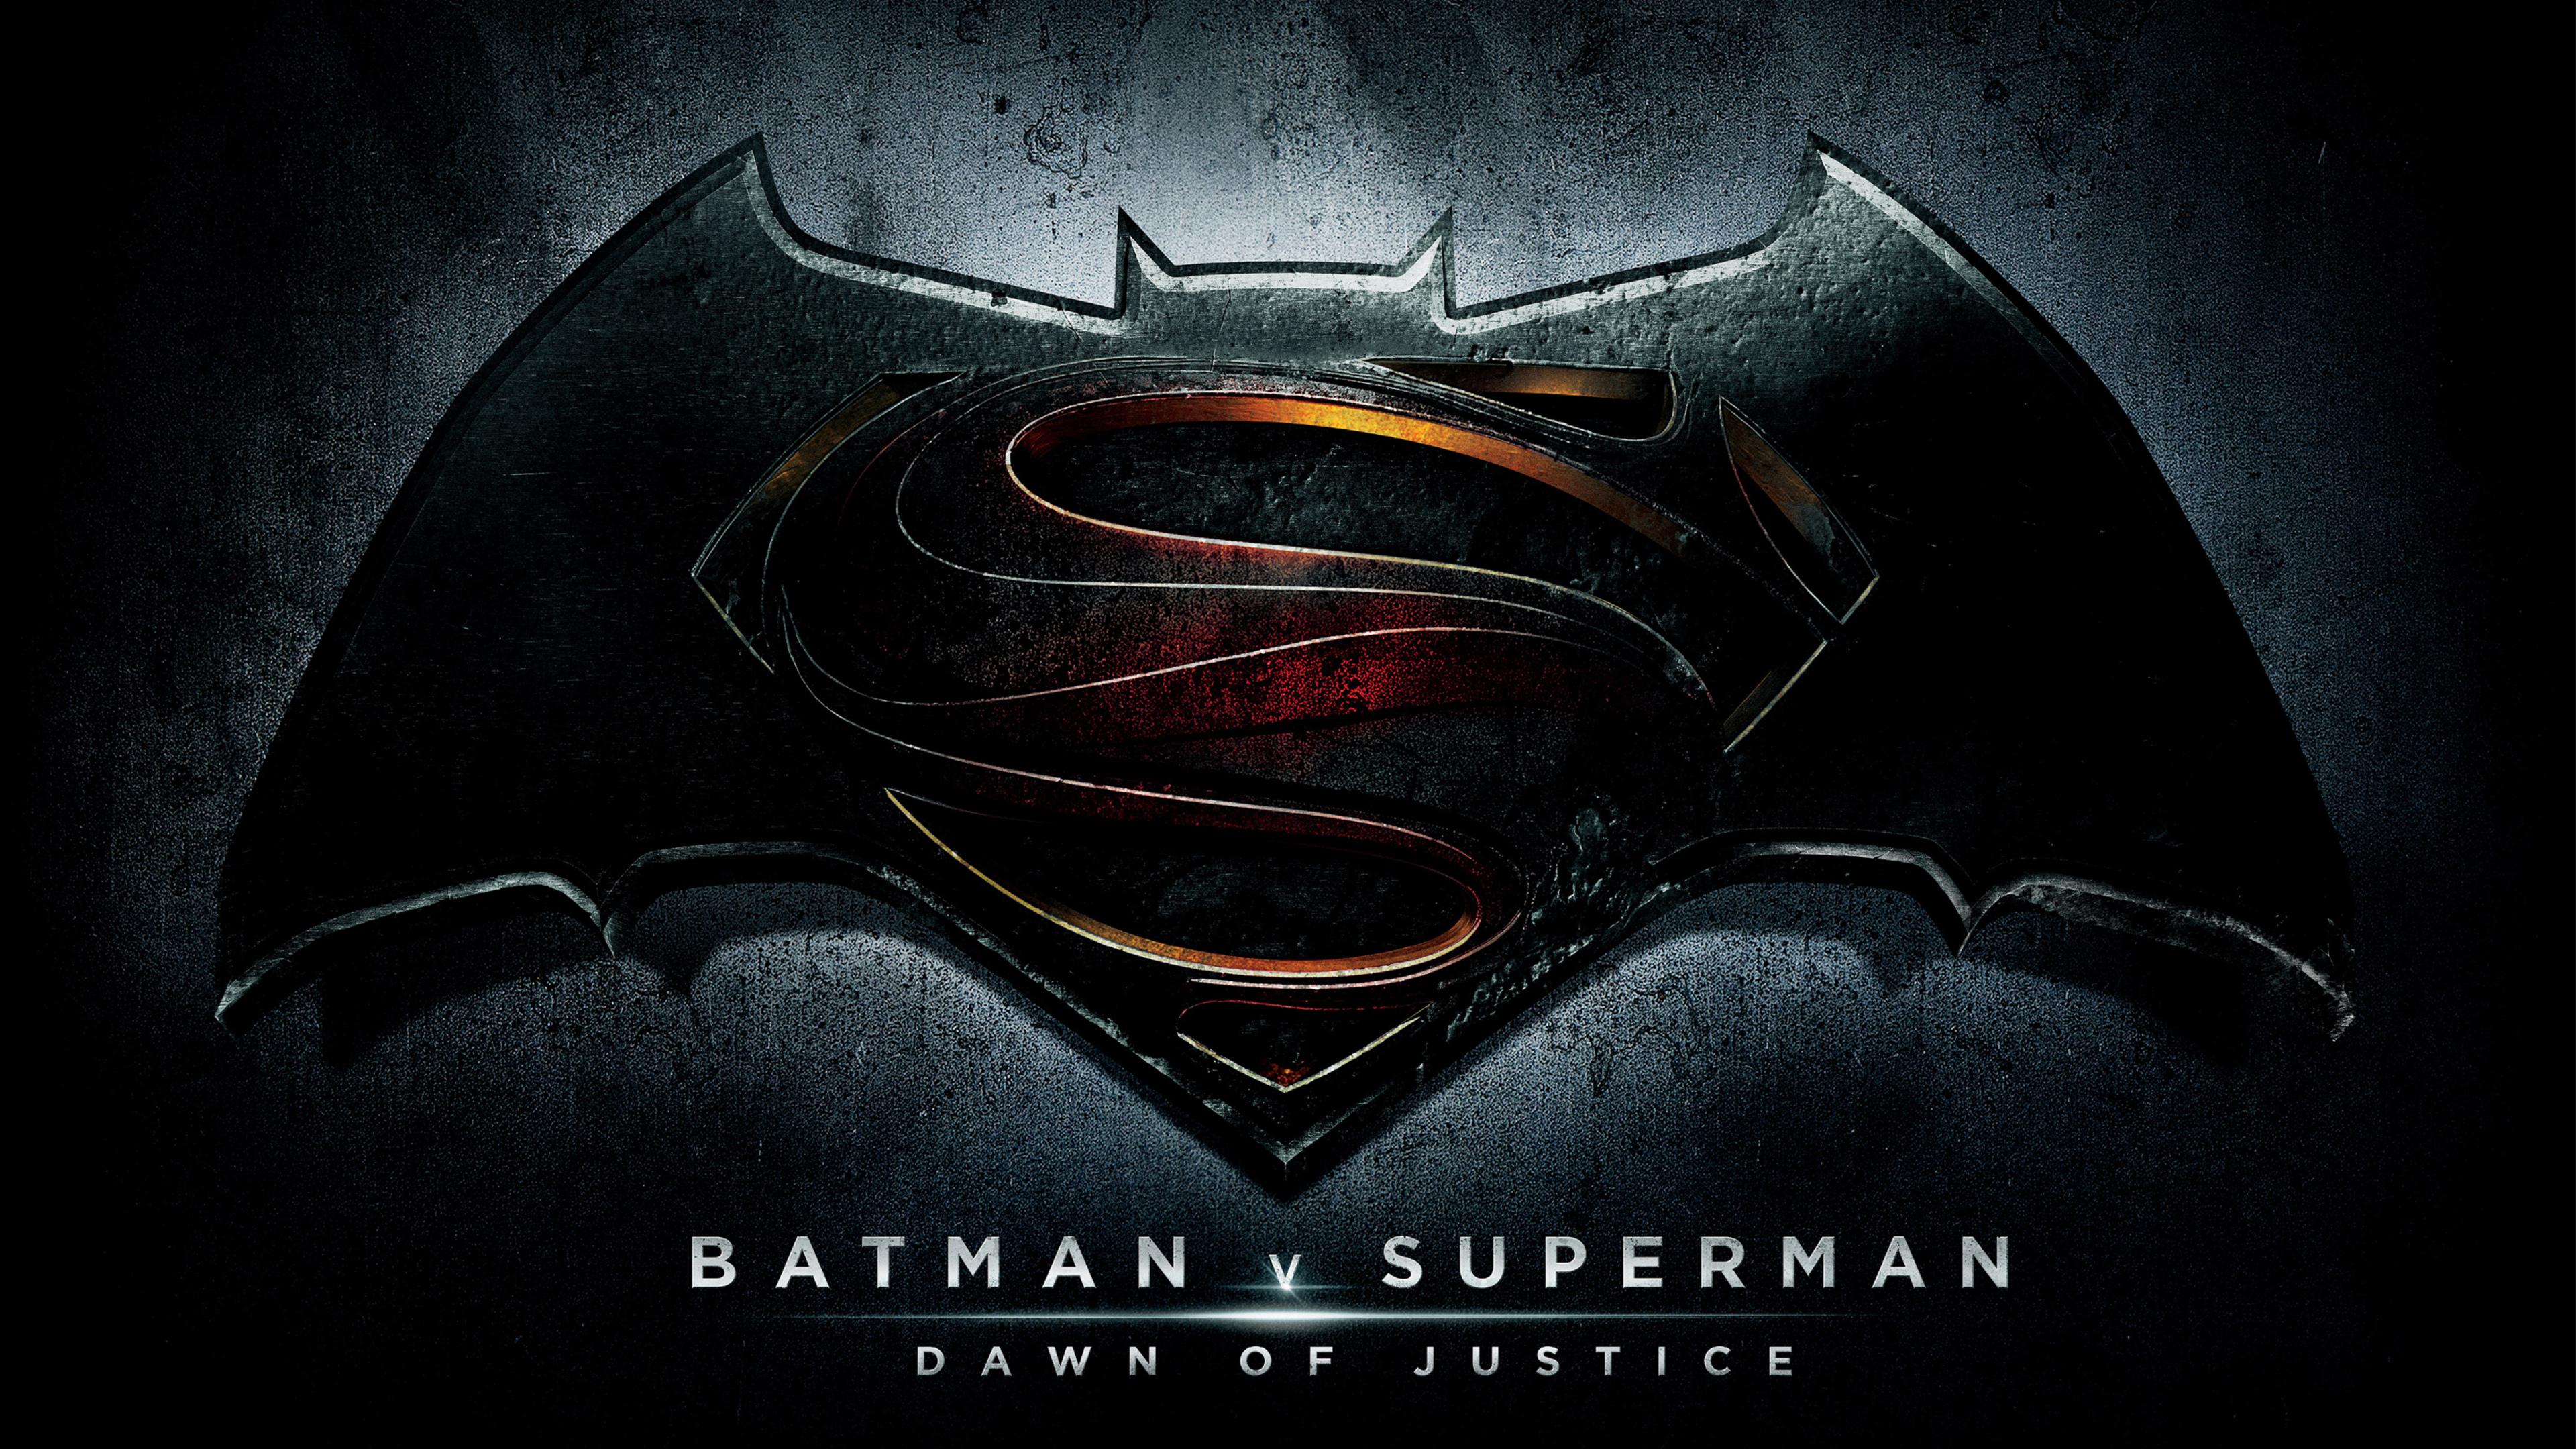 Batman Vs Superman Dawn Of Justice HD, HD Movies, 4k